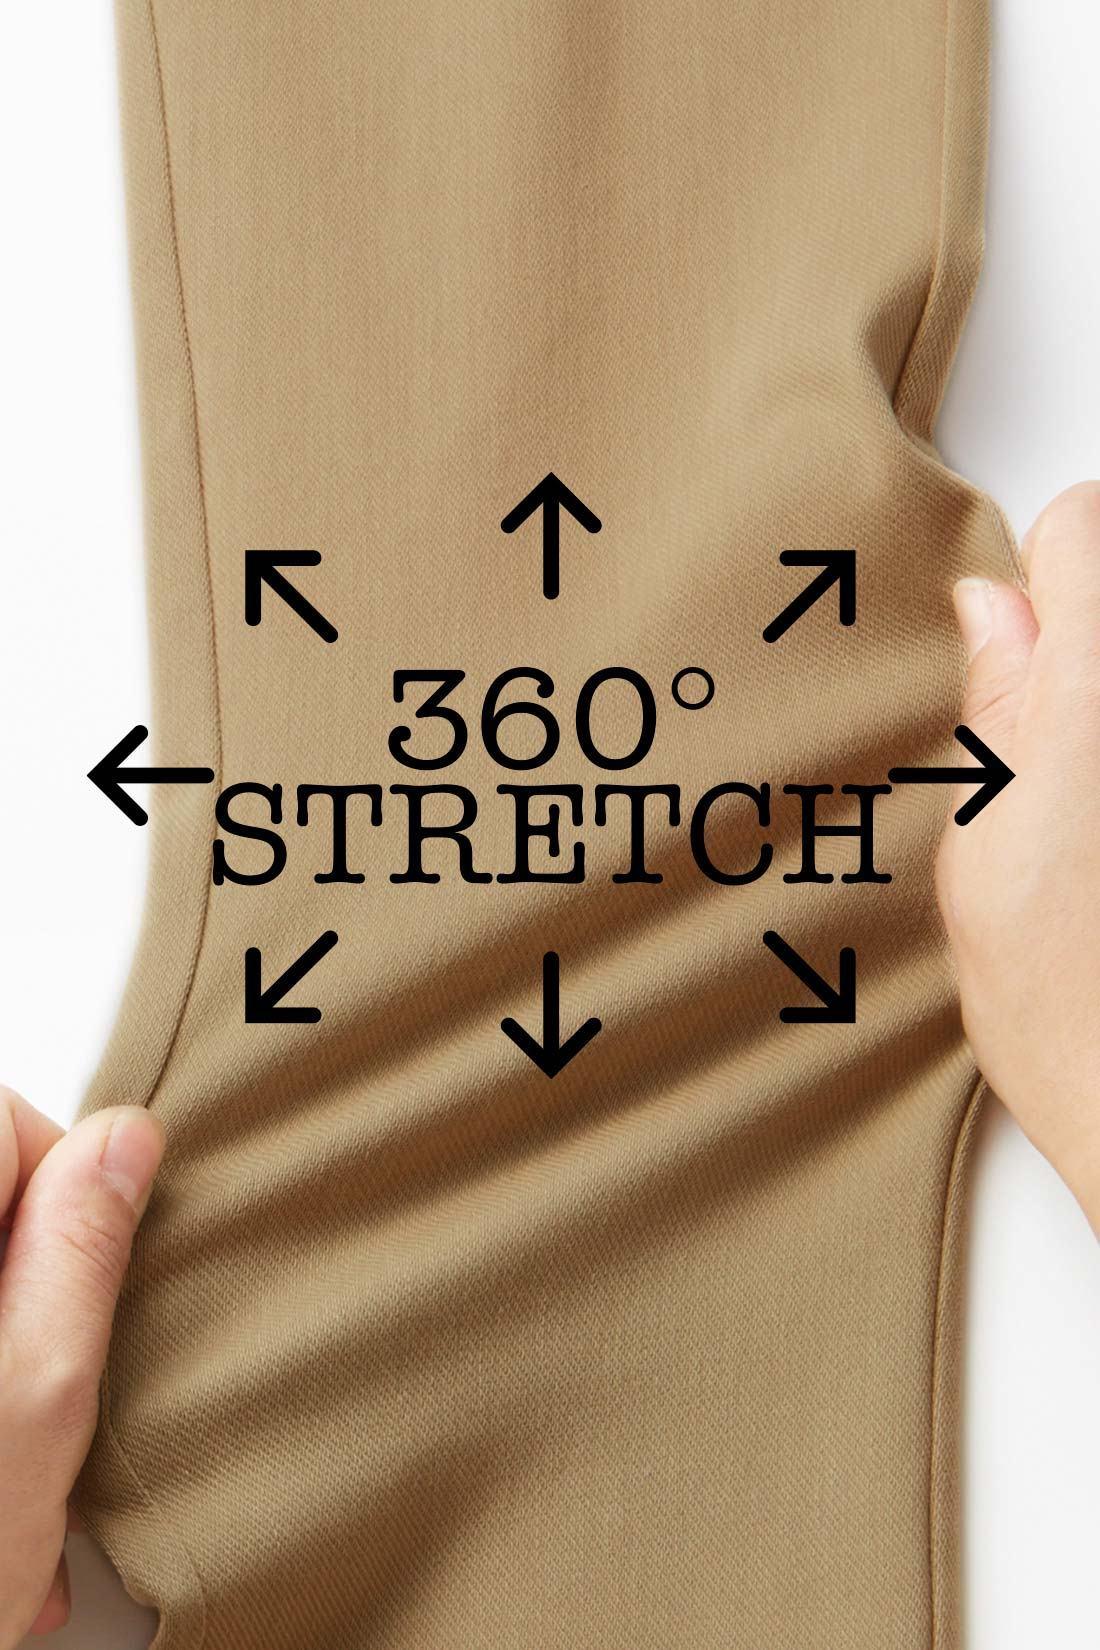 360°ストレッチでひざも太ももものびのびらくちん。